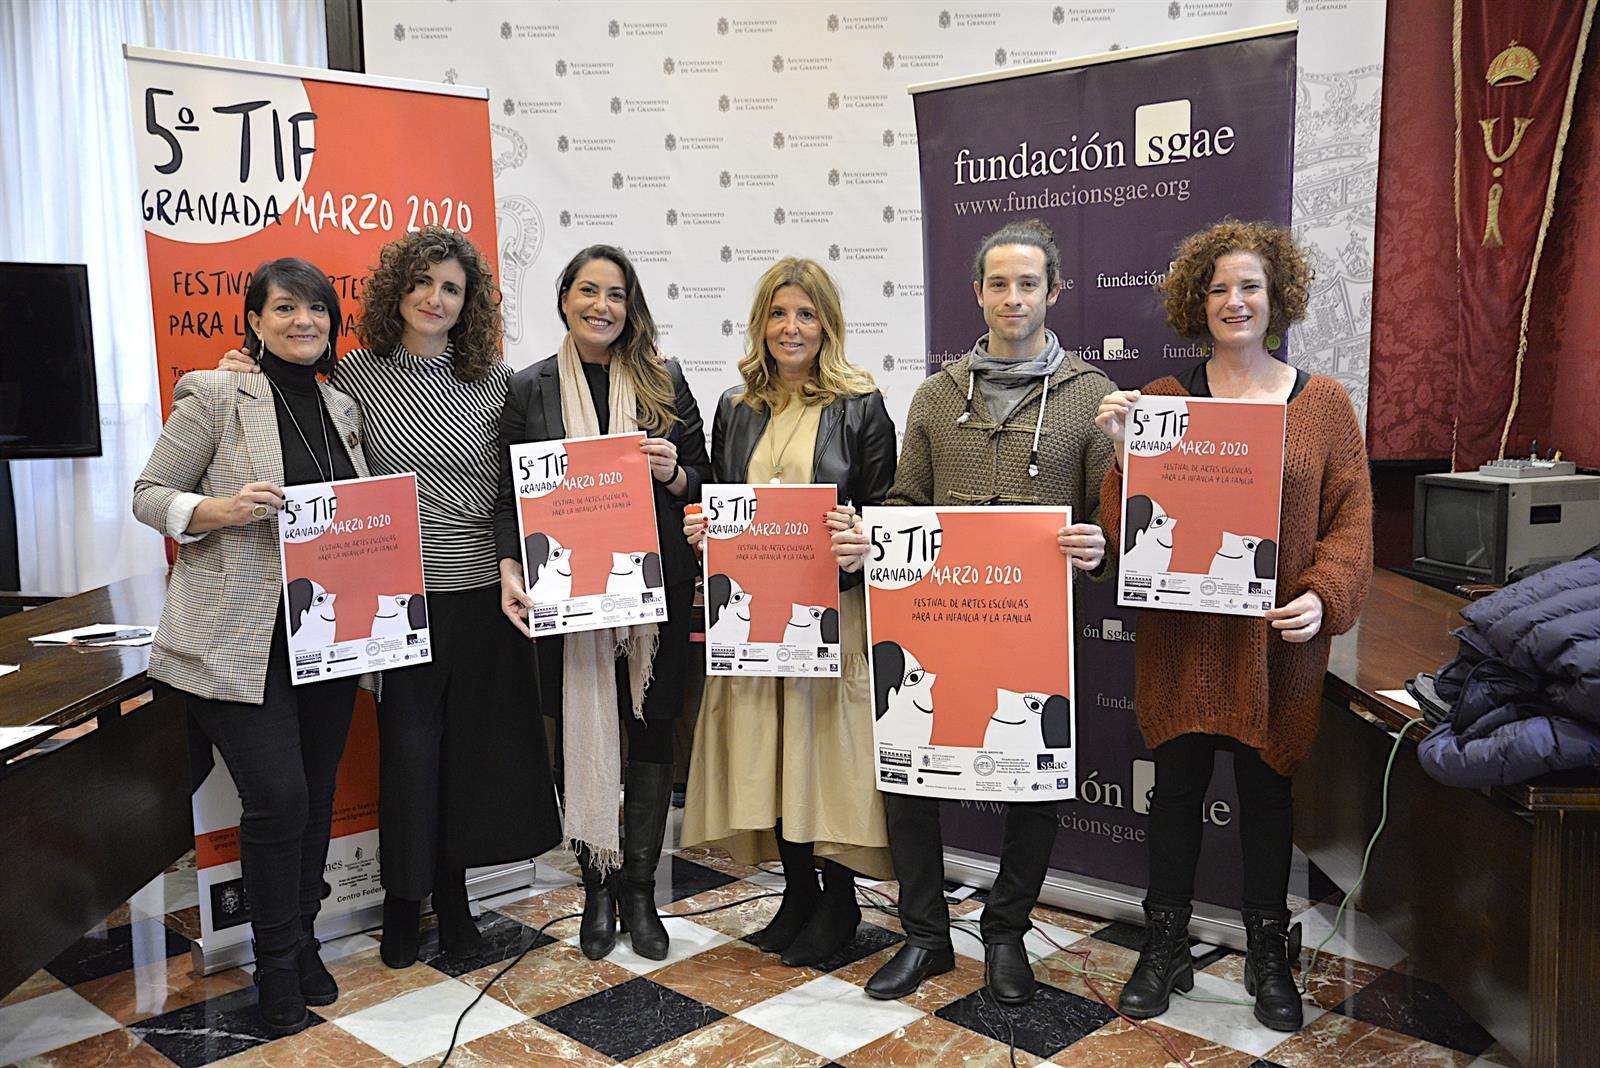 Granada acoge un festival para disfrutar en familia de las artes escénicas, el TIFGranada